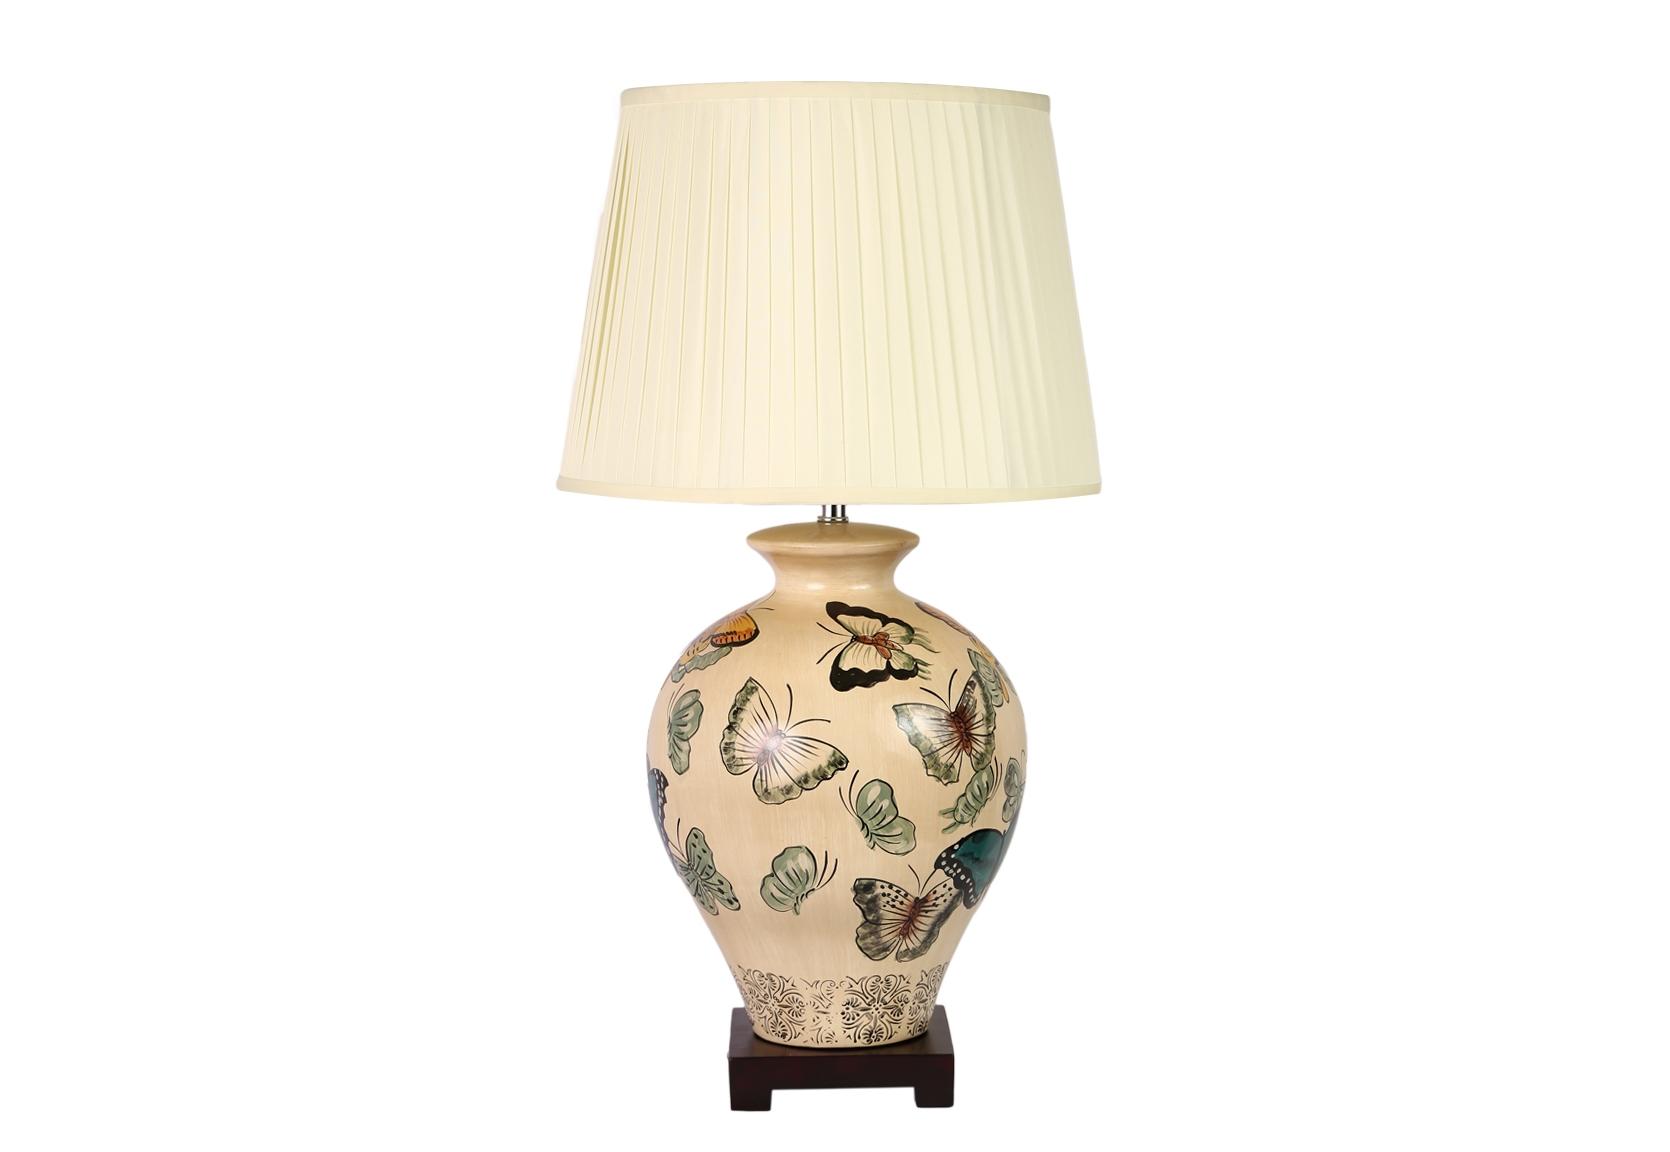 Настольная лампаДекоративные лампы<br>&amp;lt;div&amp;gt;Цоколь: E27&amp;lt;/div&amp;gt;&amp;lt;div&amp;gt;Мощность лампы: 60W&amp;lt;/div&amp;gt;&amp;lt;div&amp;gt;Количество ламп: 1&amp;lt;/div&amp;gt;&amp;lt;div&amp;gt;(лампочка в комплект не входит)&amp;lt;/div&amp;gt;<br><br>Material: Дерево<br>Height см: 72<br>Diameter см: 34